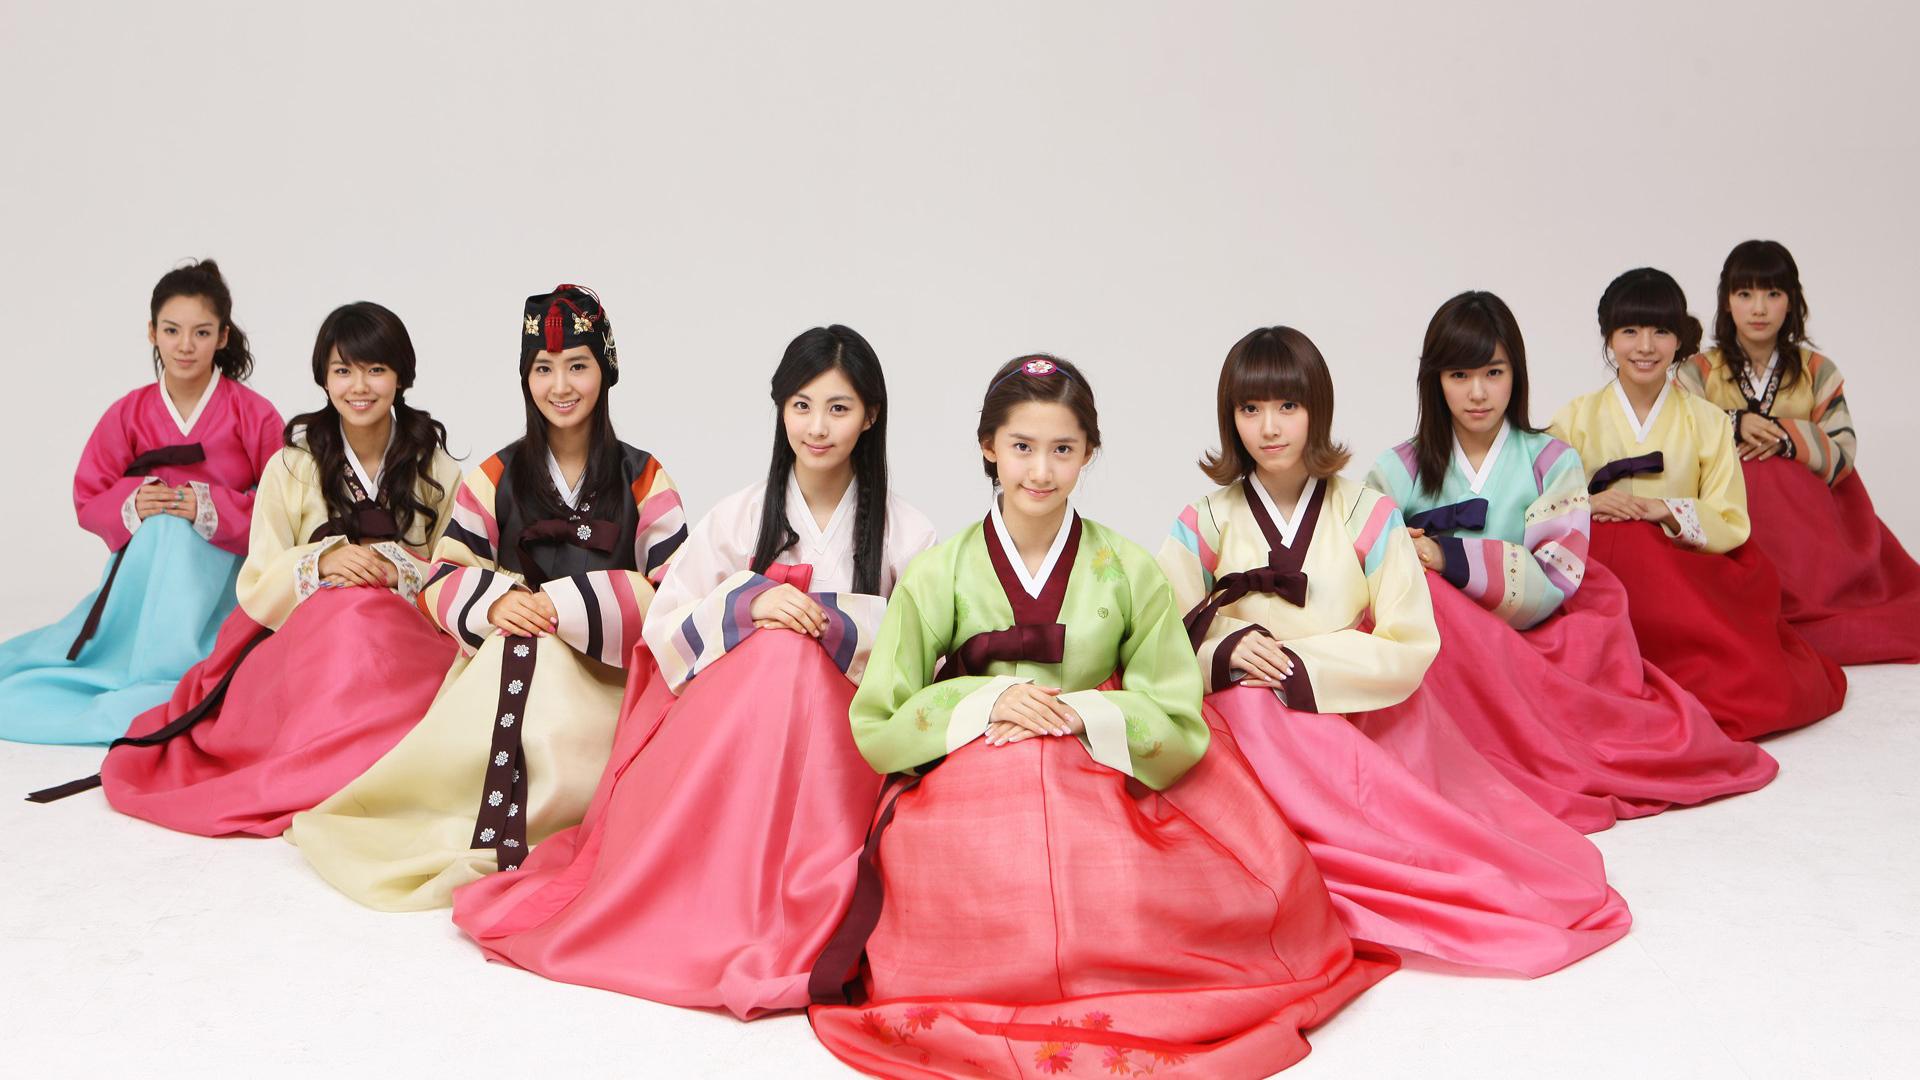 Фото девушек кореянок в одежде 15 фотография